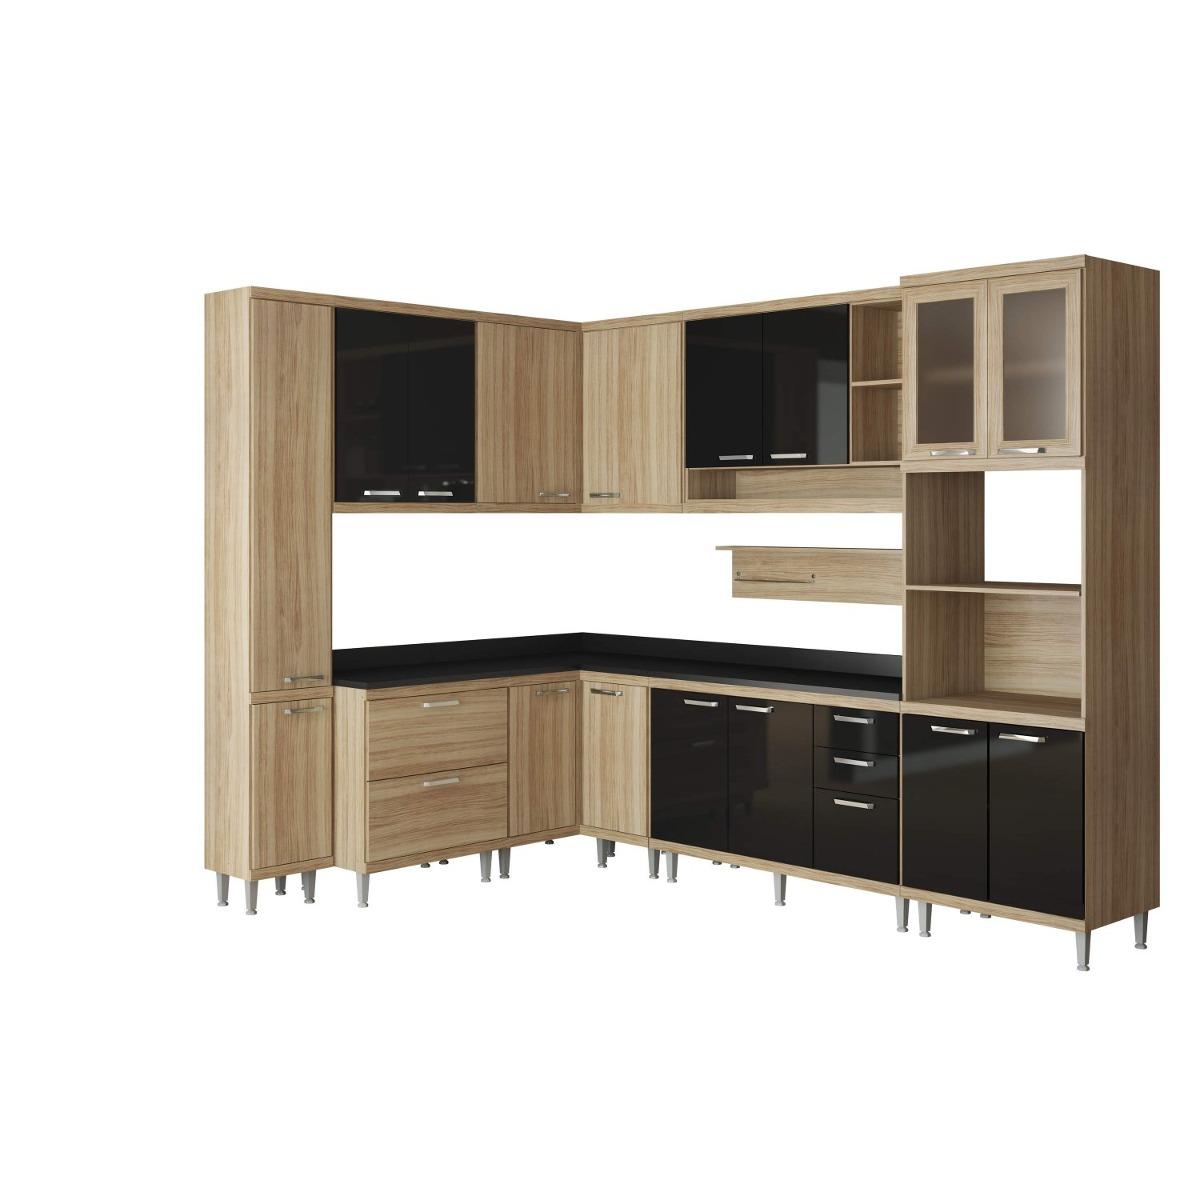 Cozinha Completa Com Tampo 10 Pe As Sic Lia Jc R 3 099 90 Em